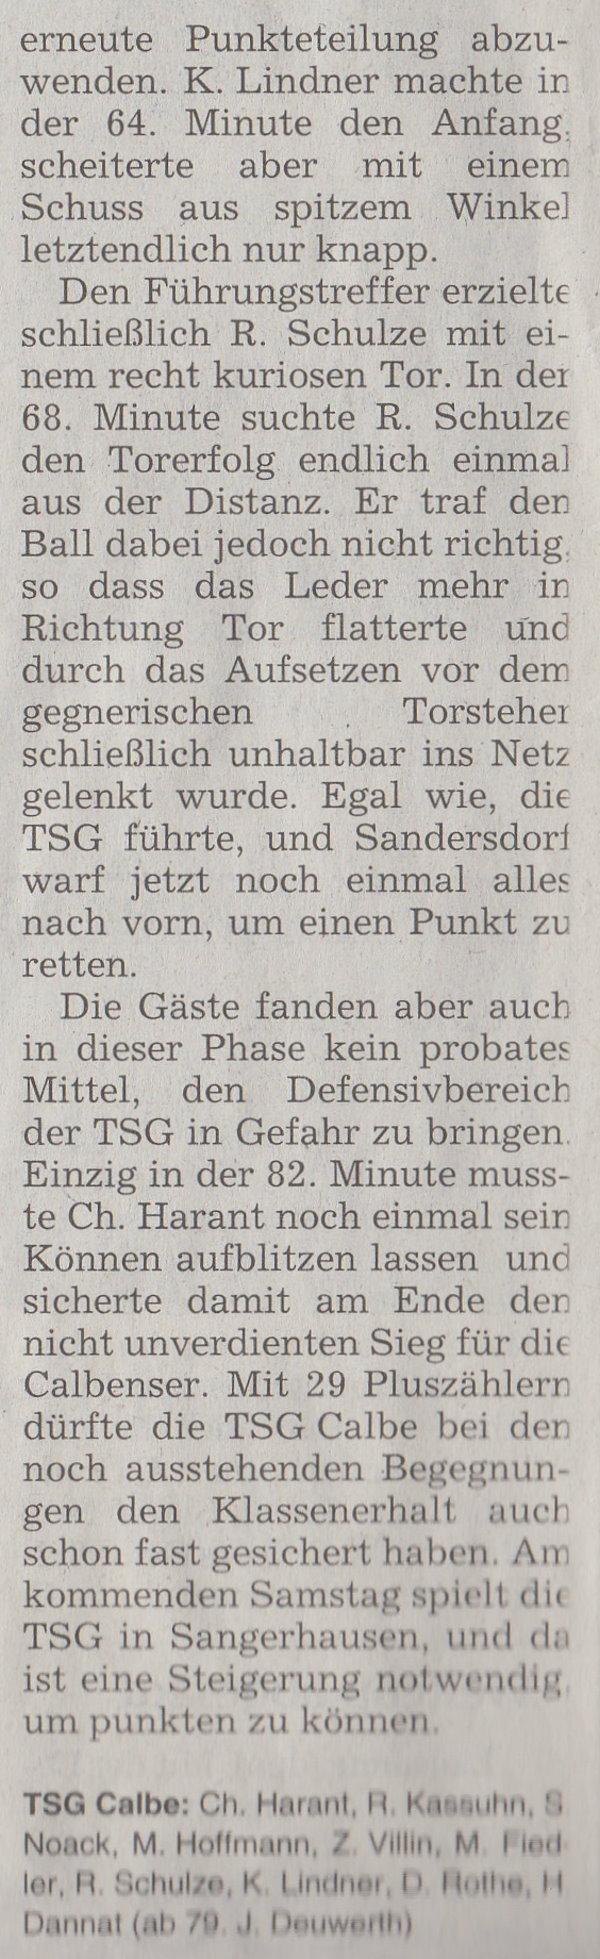 Volksstimme-Artikel vom 11. März 2003 (Teil 3).